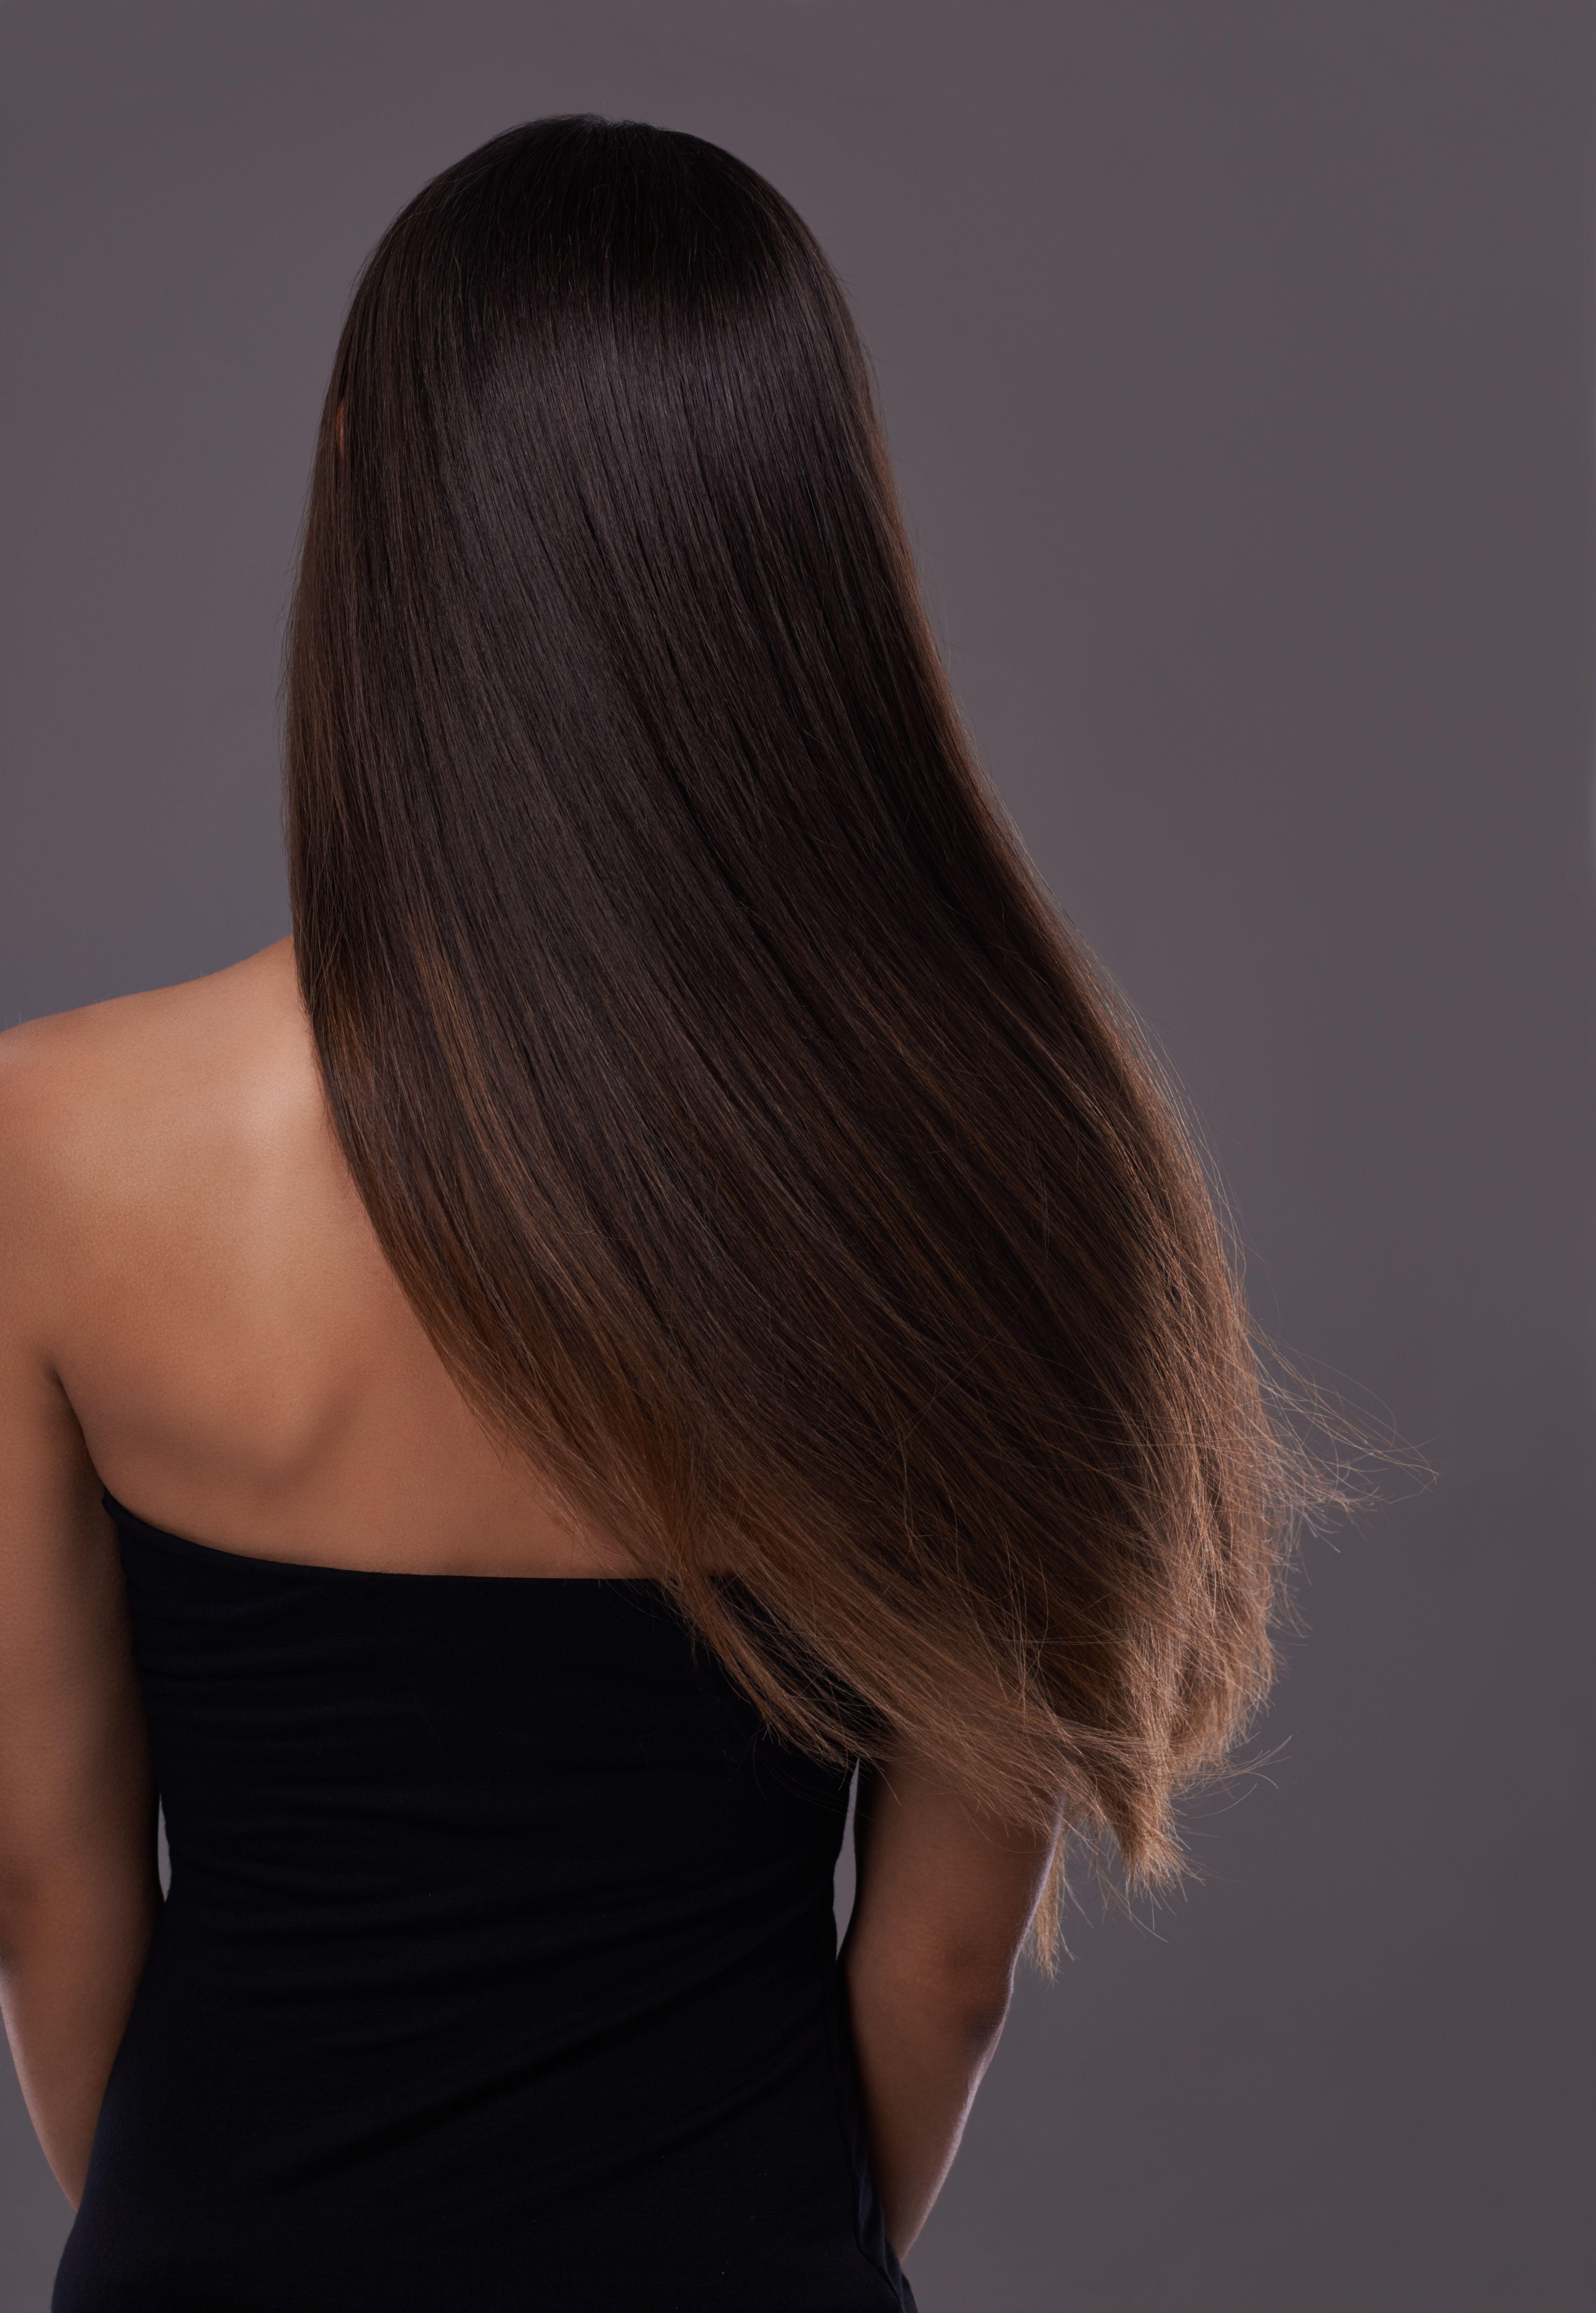 Productos para el pelo: Catálogo de Perfumería y Droguería Jaral